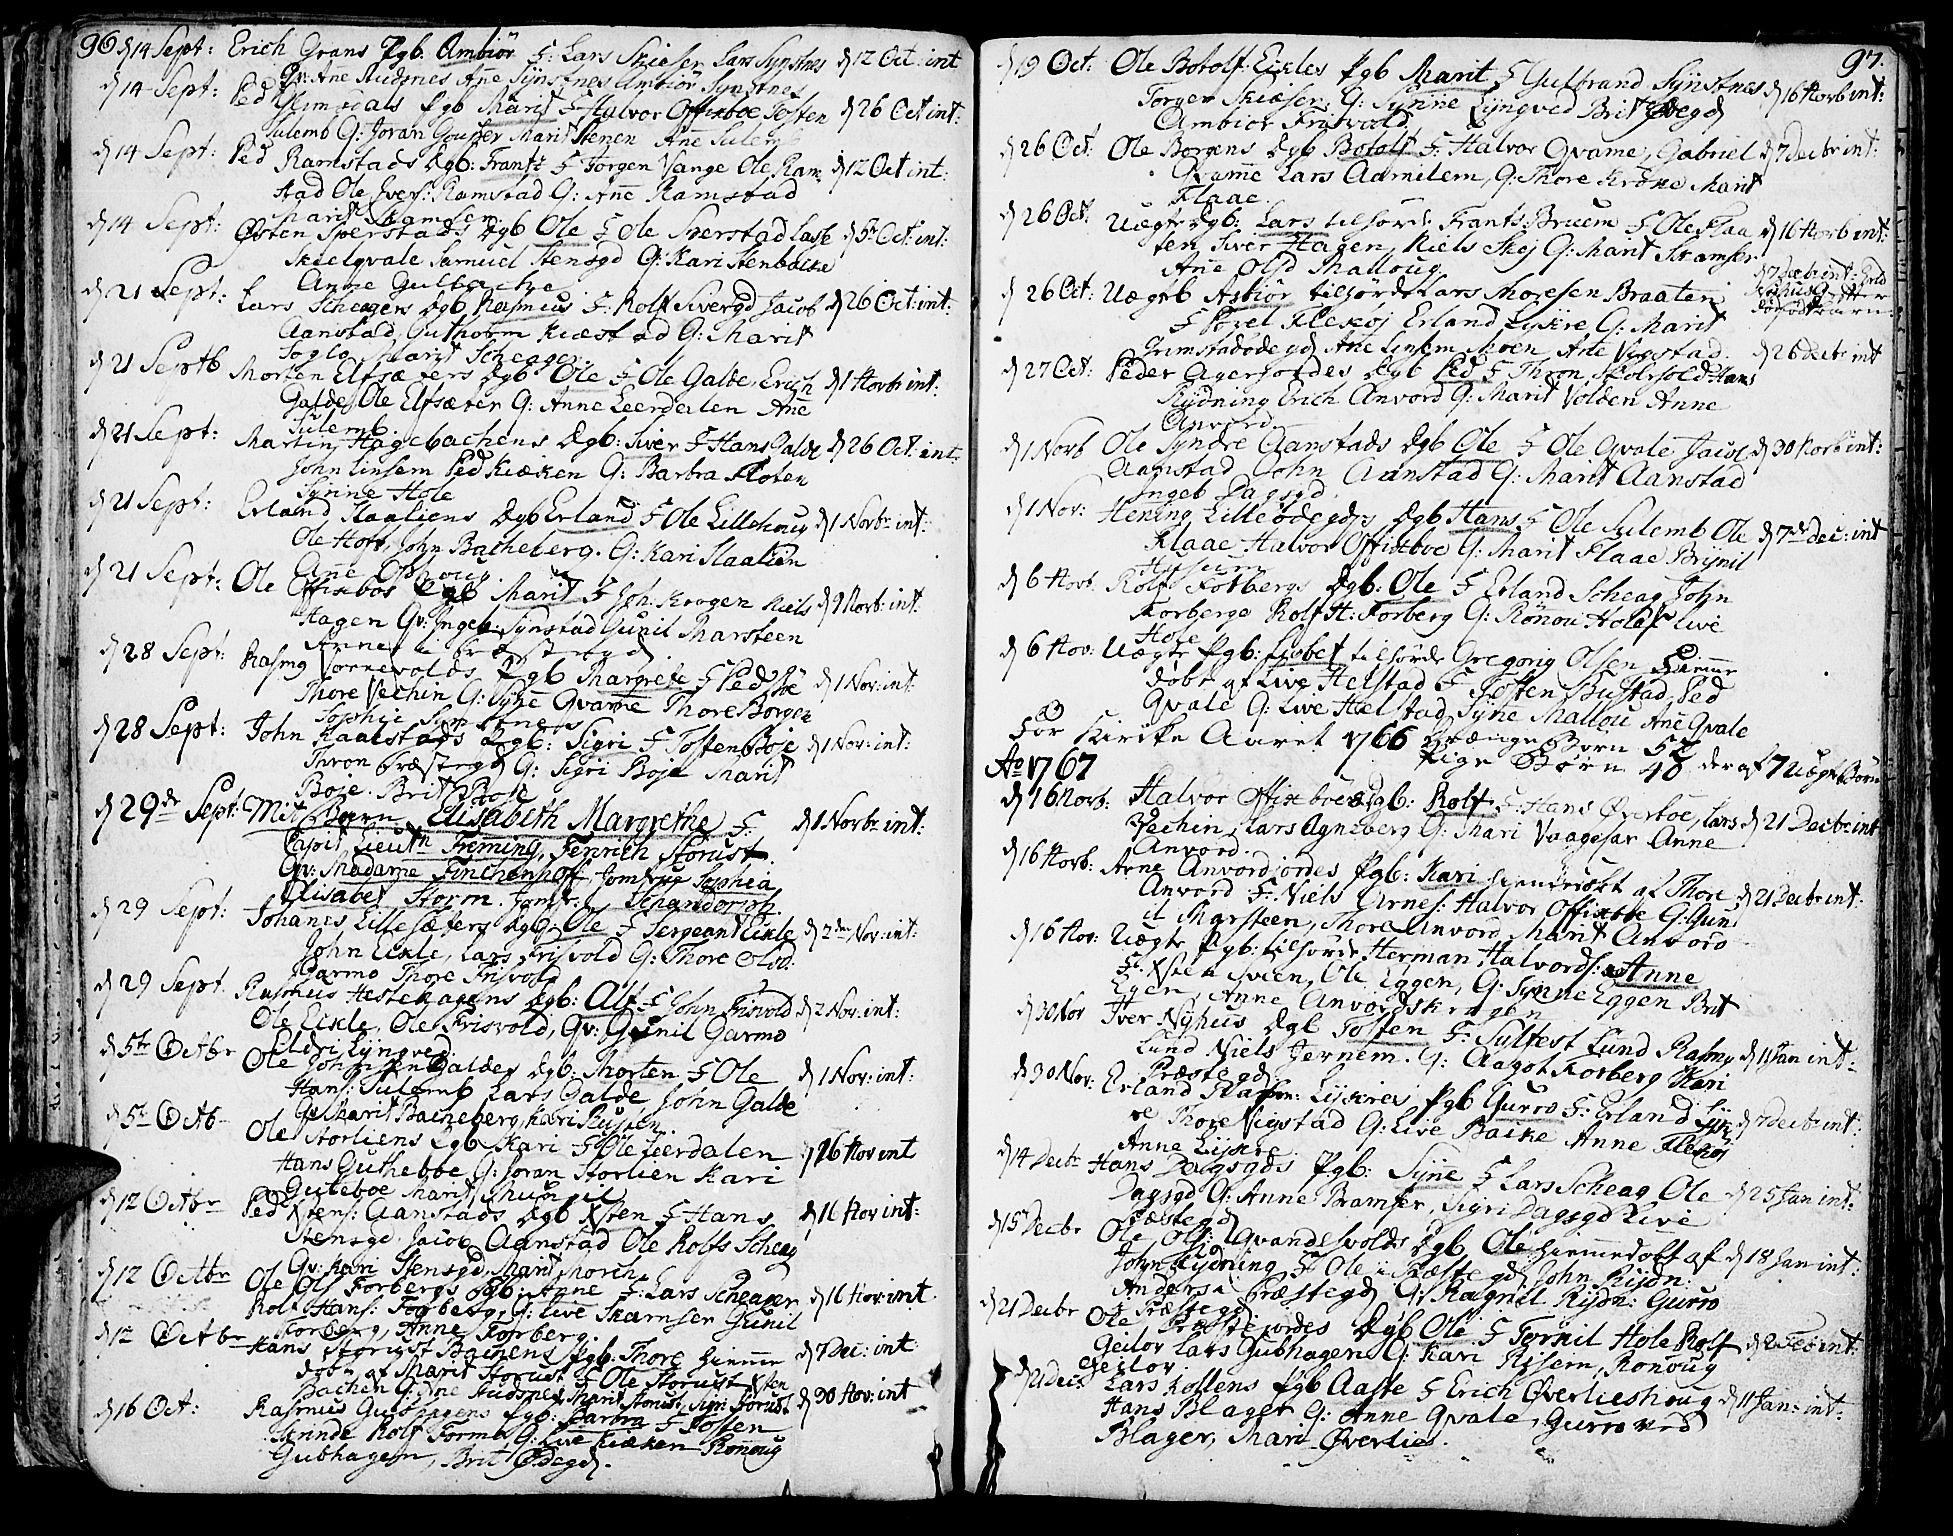 SAH, Lom prestekontor, K/L0002: Ministerialbok nr. 2, 1749-1801, s. 96-97